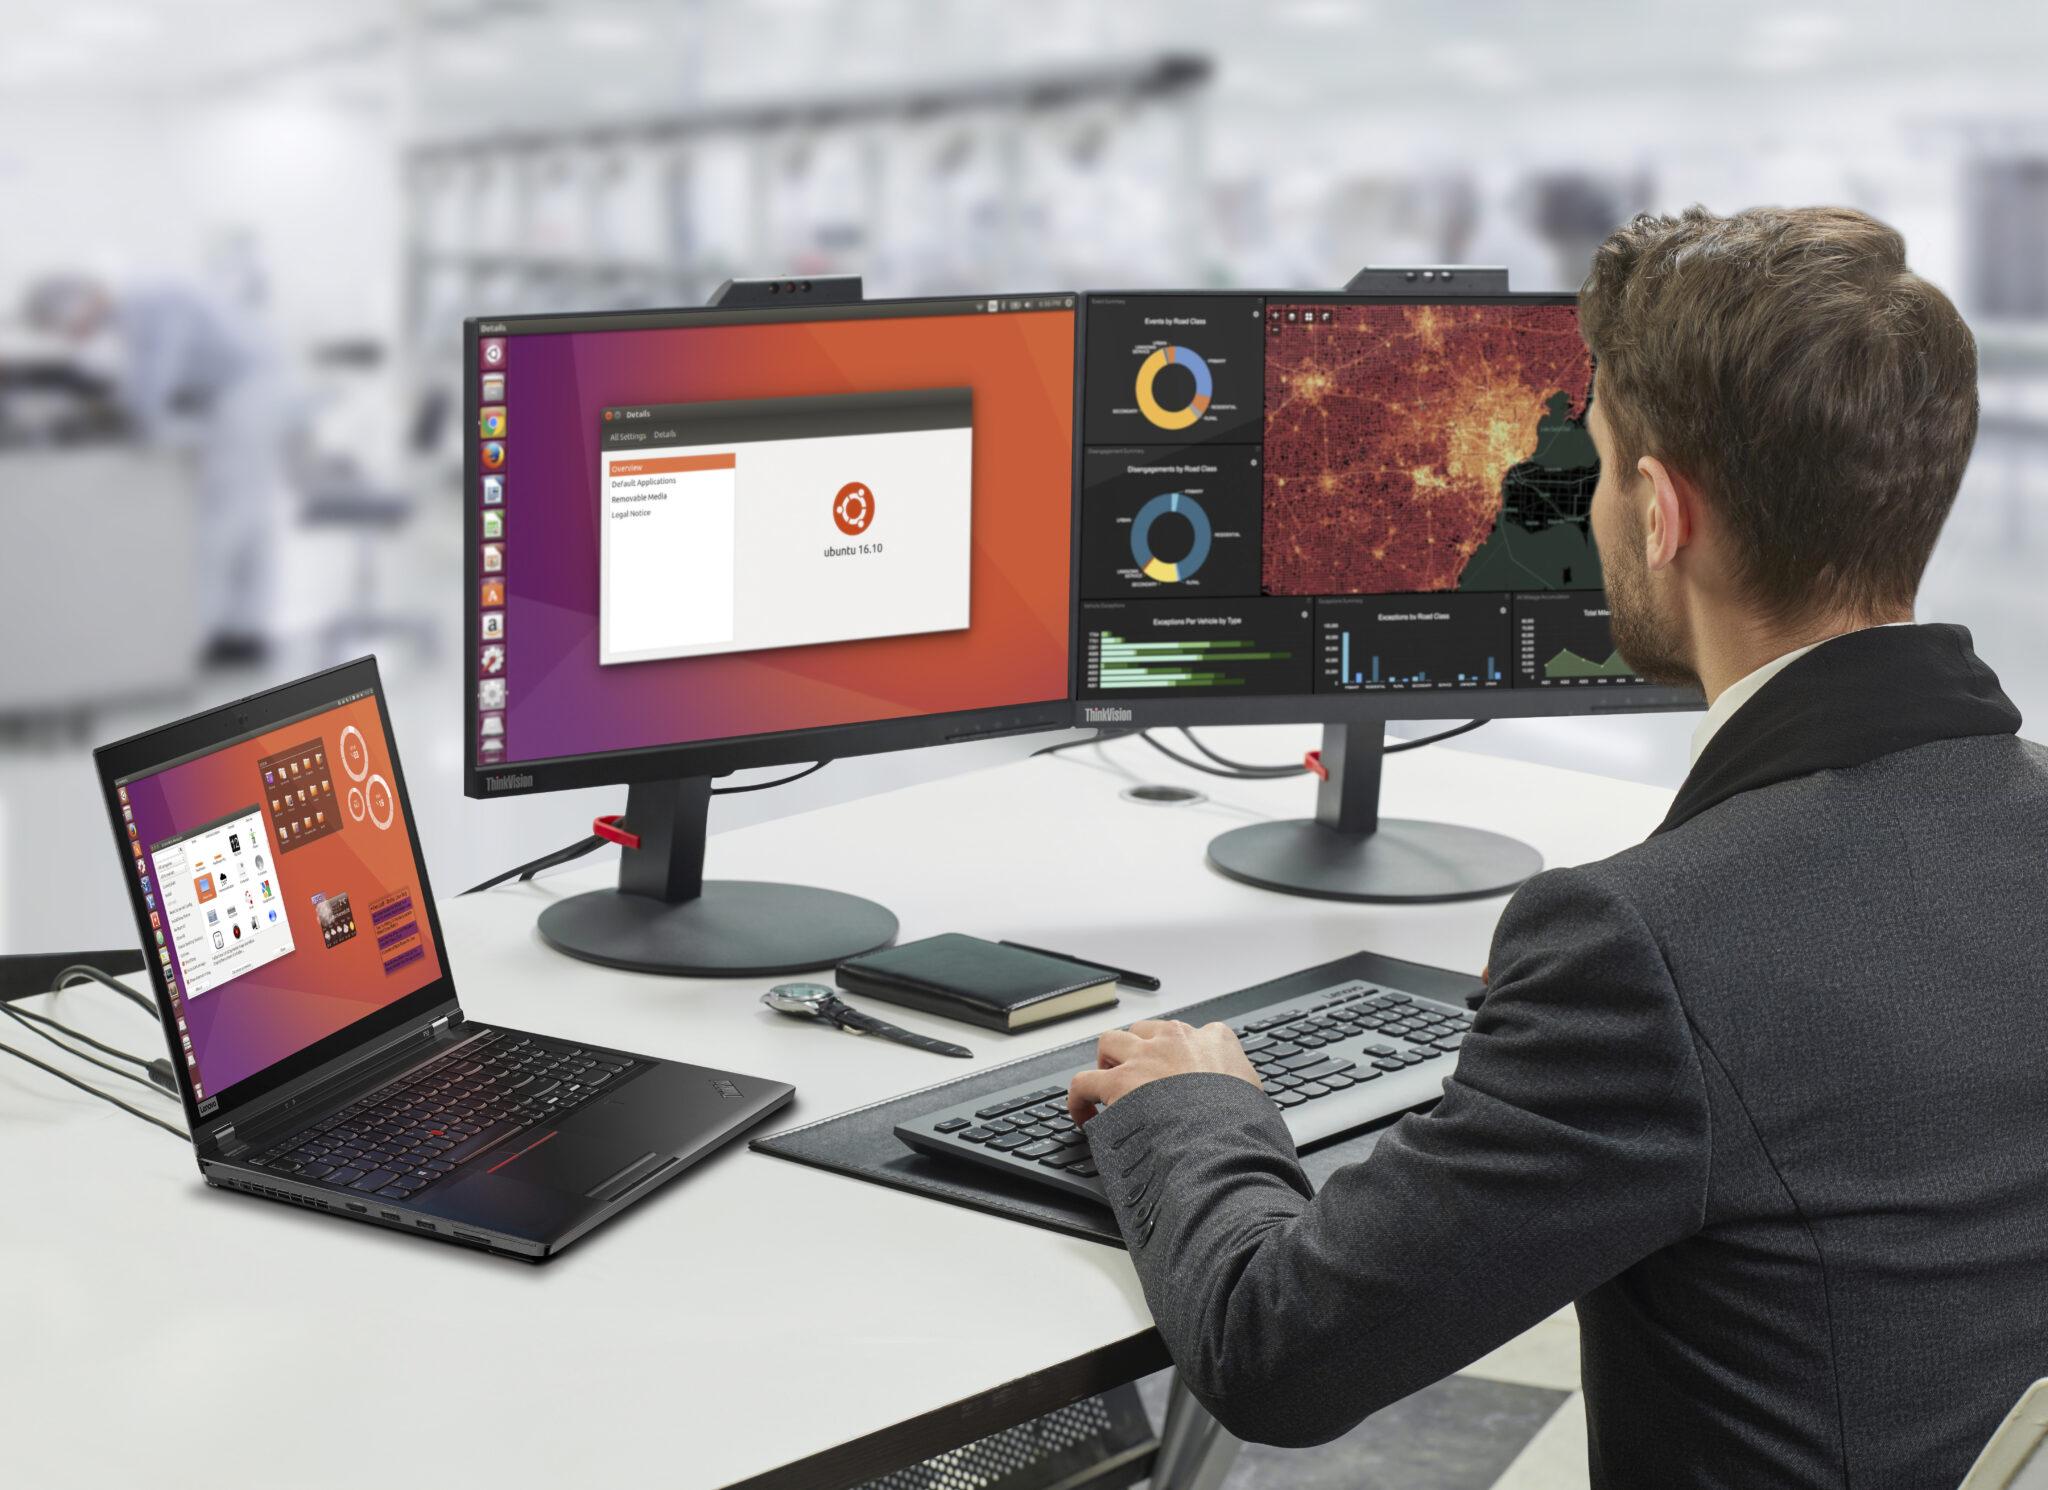 Lenovo Ubuntu Laptops and PCs